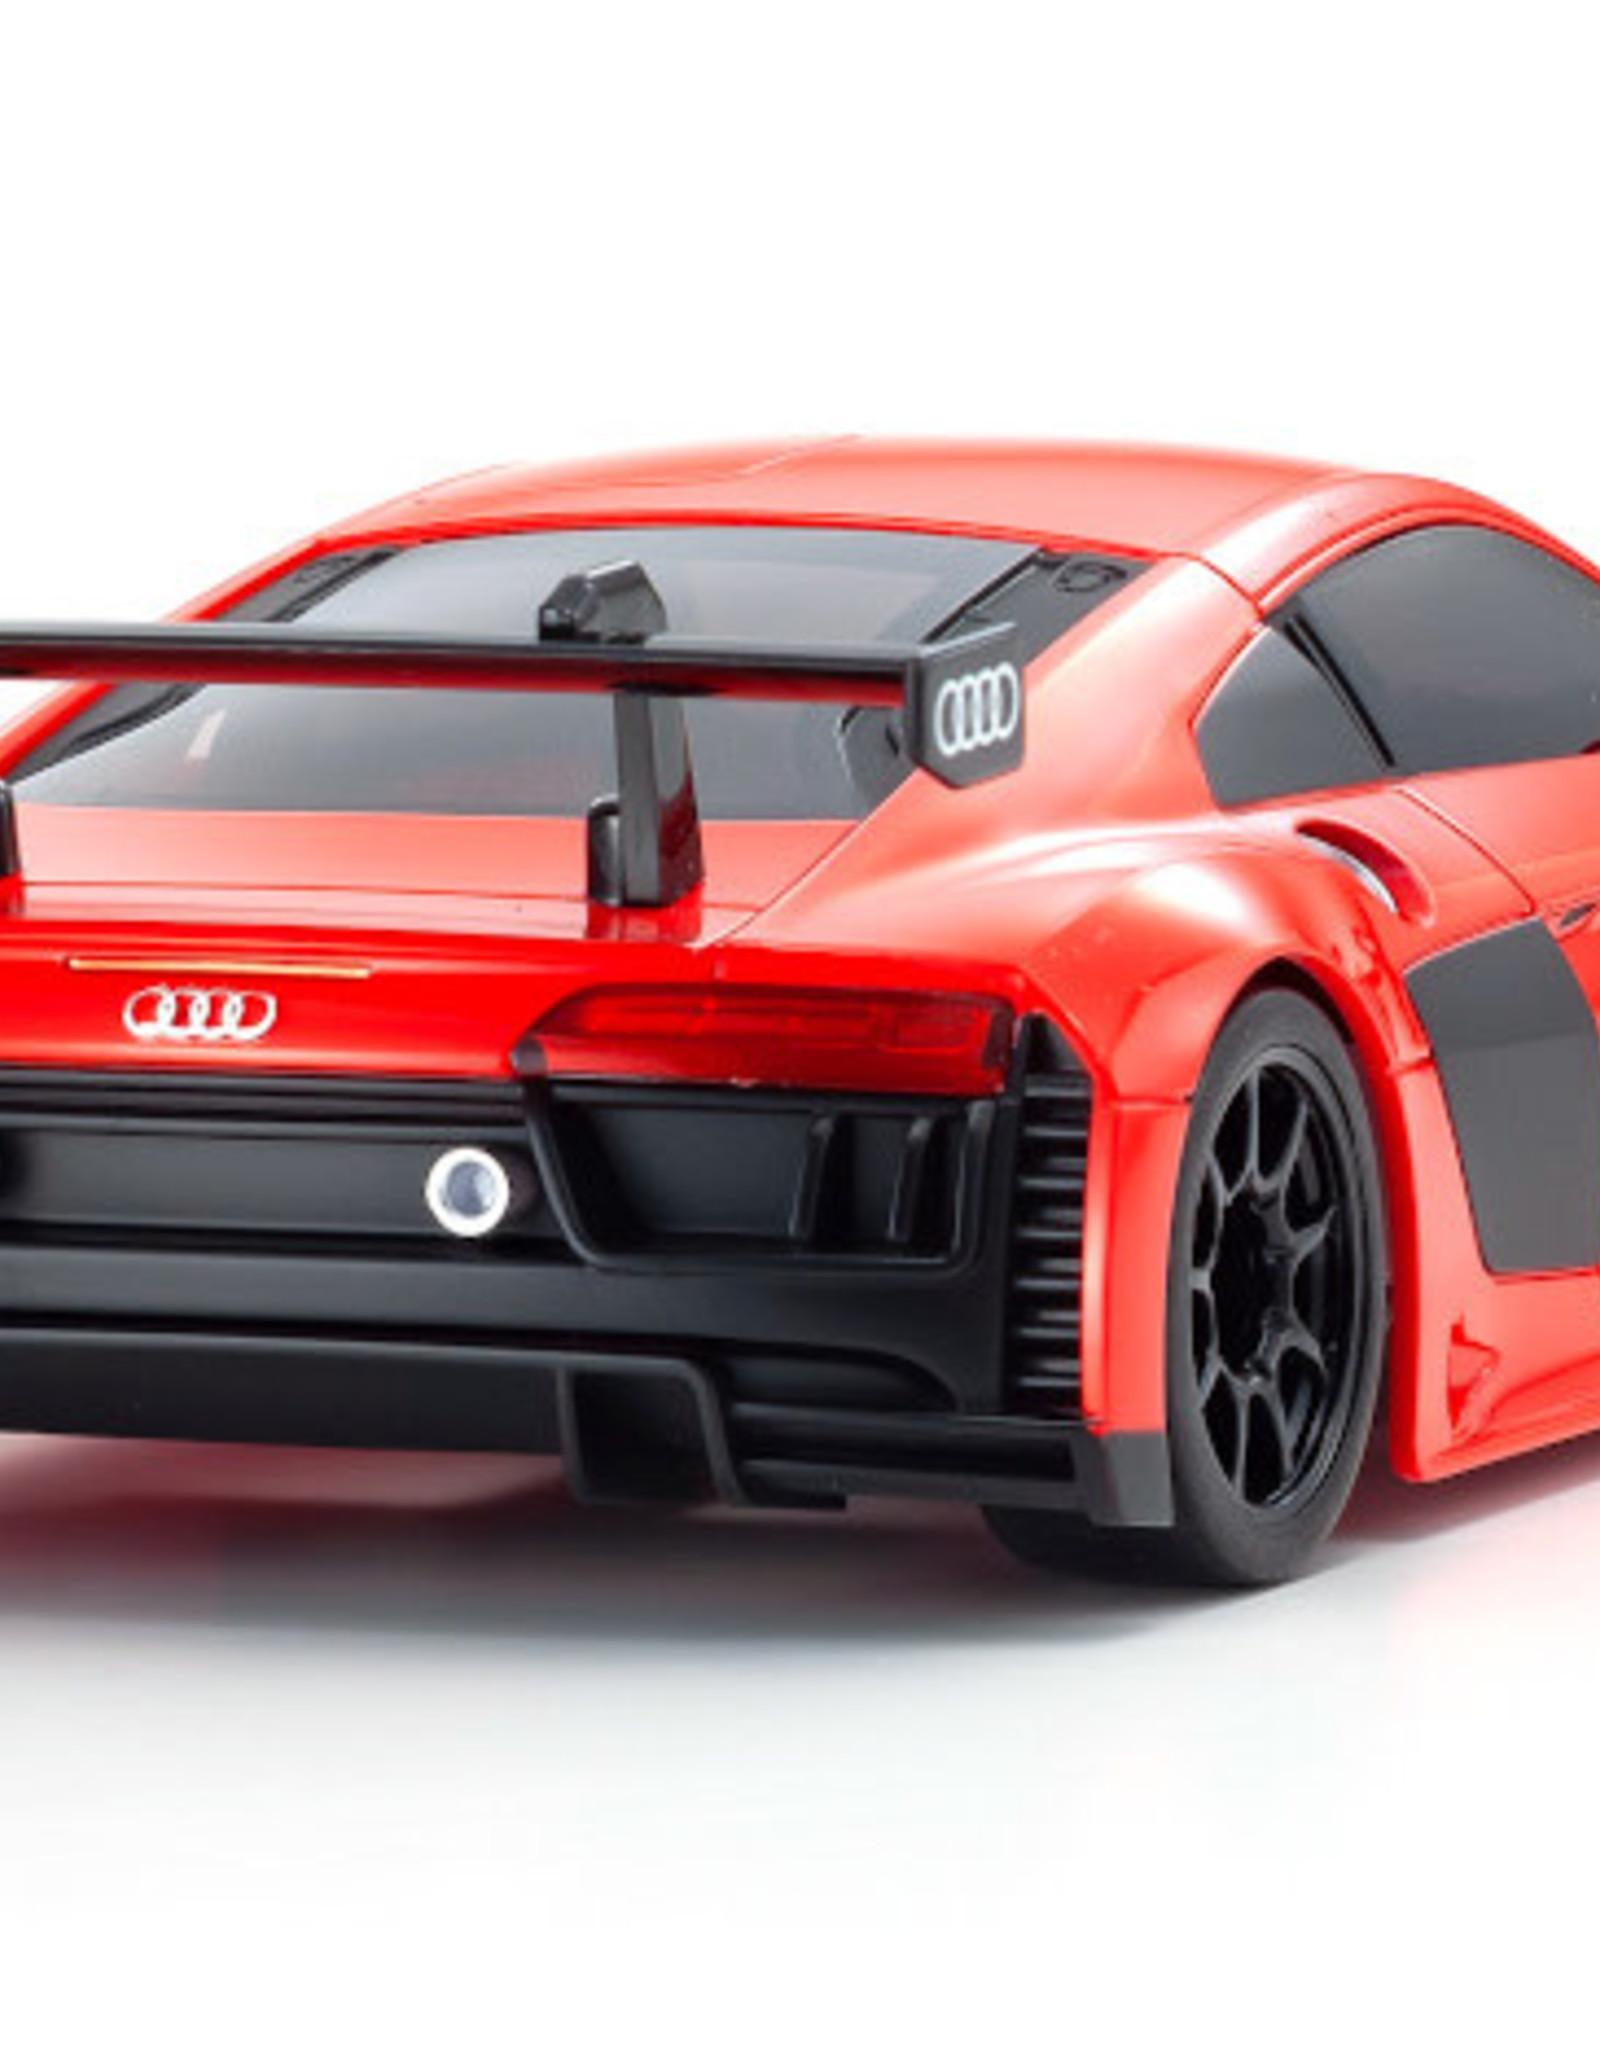 KYOSHO KYO32323R MINI-Z RWD Audi R8 LMS RED